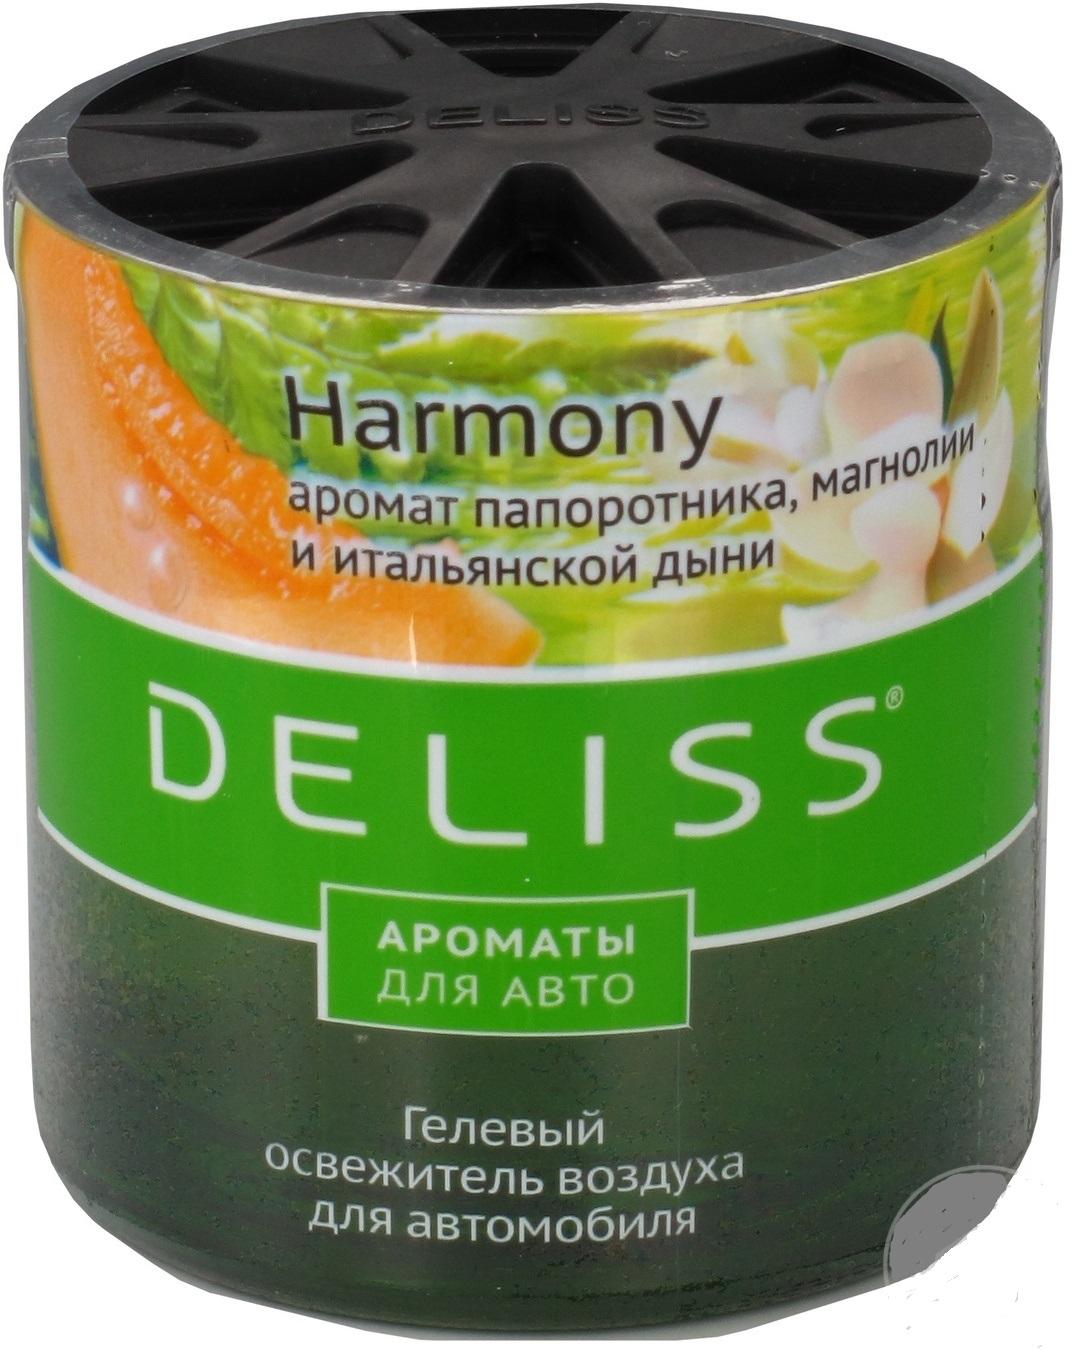 Освежитель воздуха для автомобиля Deliss с ароматом папоротника, магнолии и итальянской дыни 60 мл